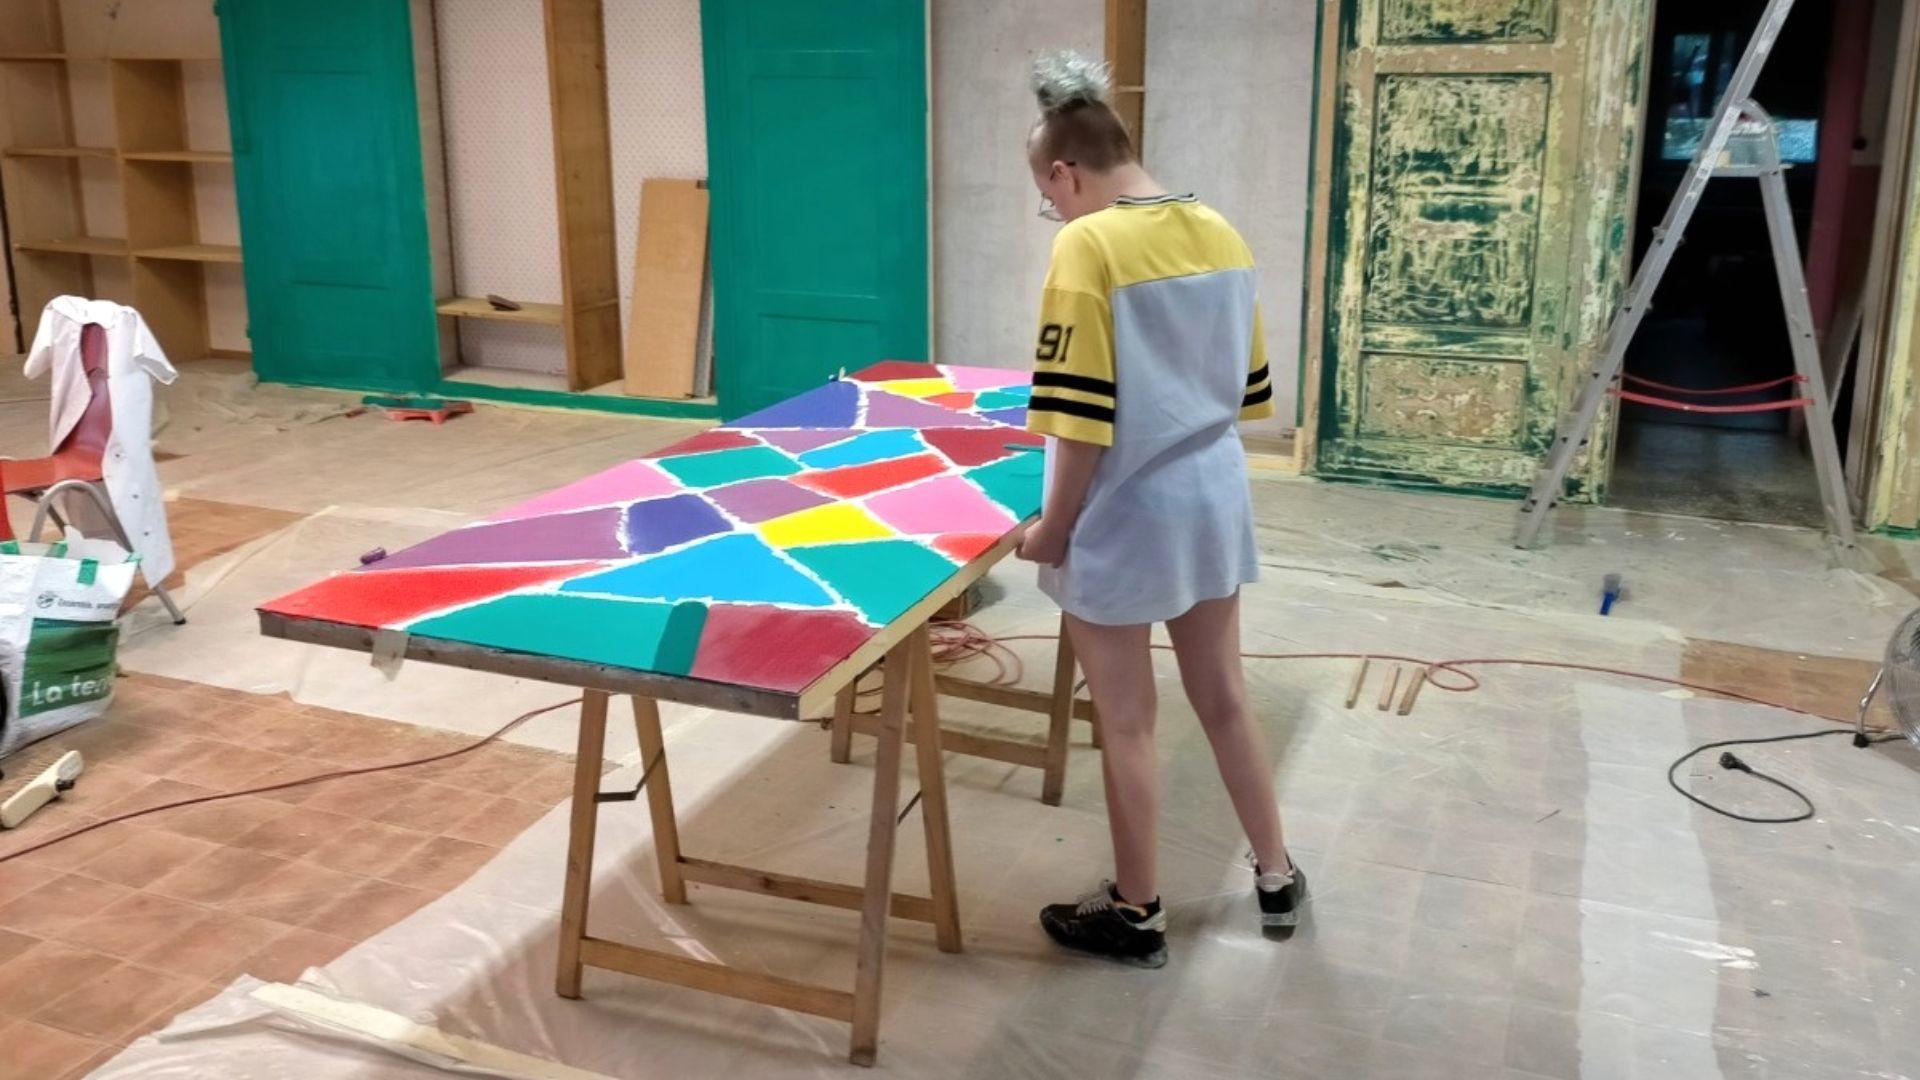 Mulhouse bienvenue à la friperie Péan : Manon transforme une porte en oeuvre d'art